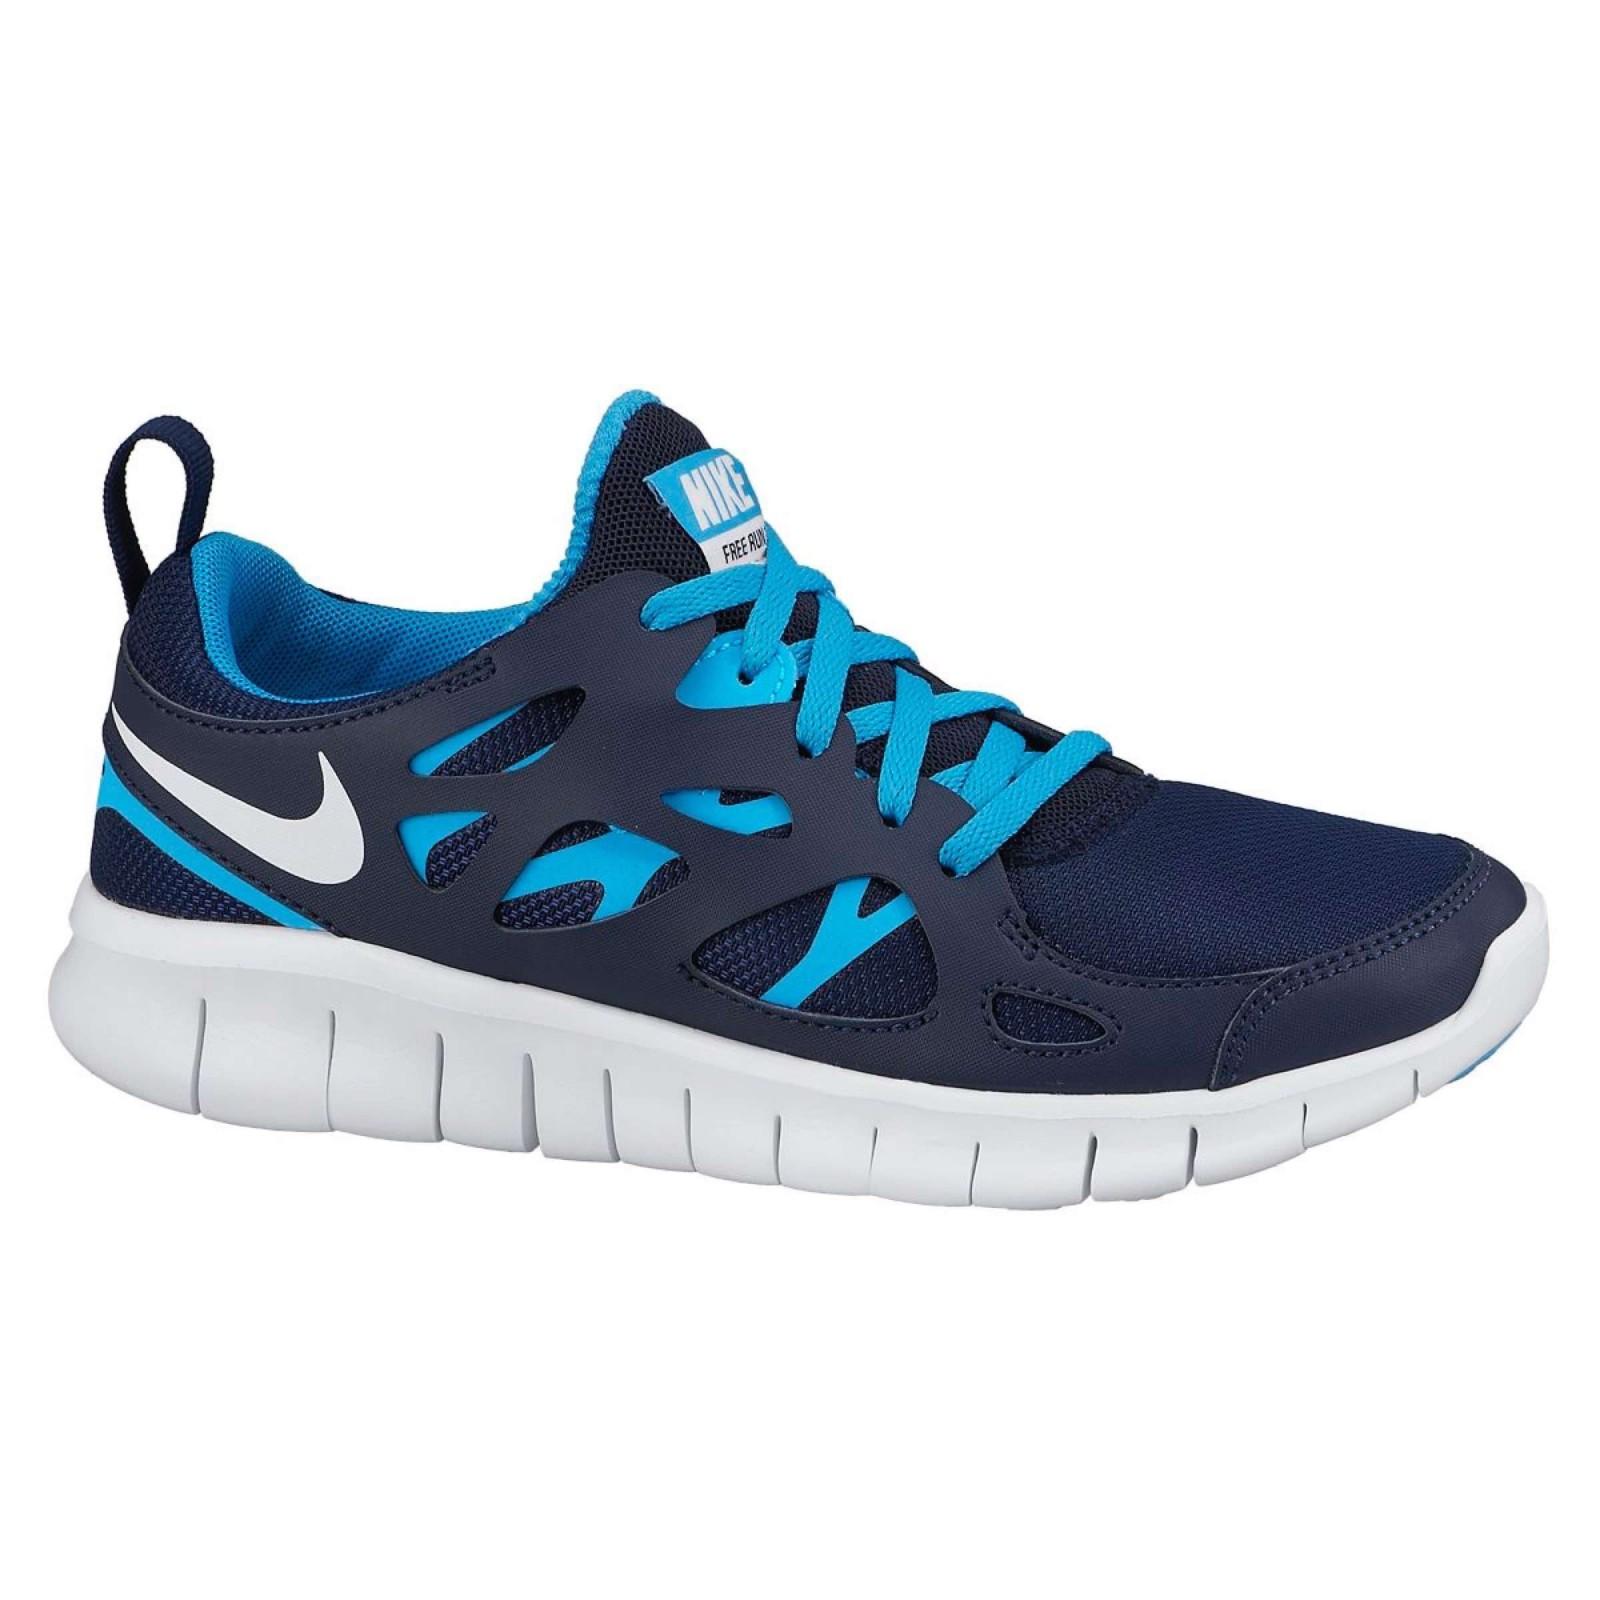 Dětské běžecké boty Nike FREE RUN 2 (GS) MIDNIGHT NAVY WHITE-BL ... 6fc13a0ca2